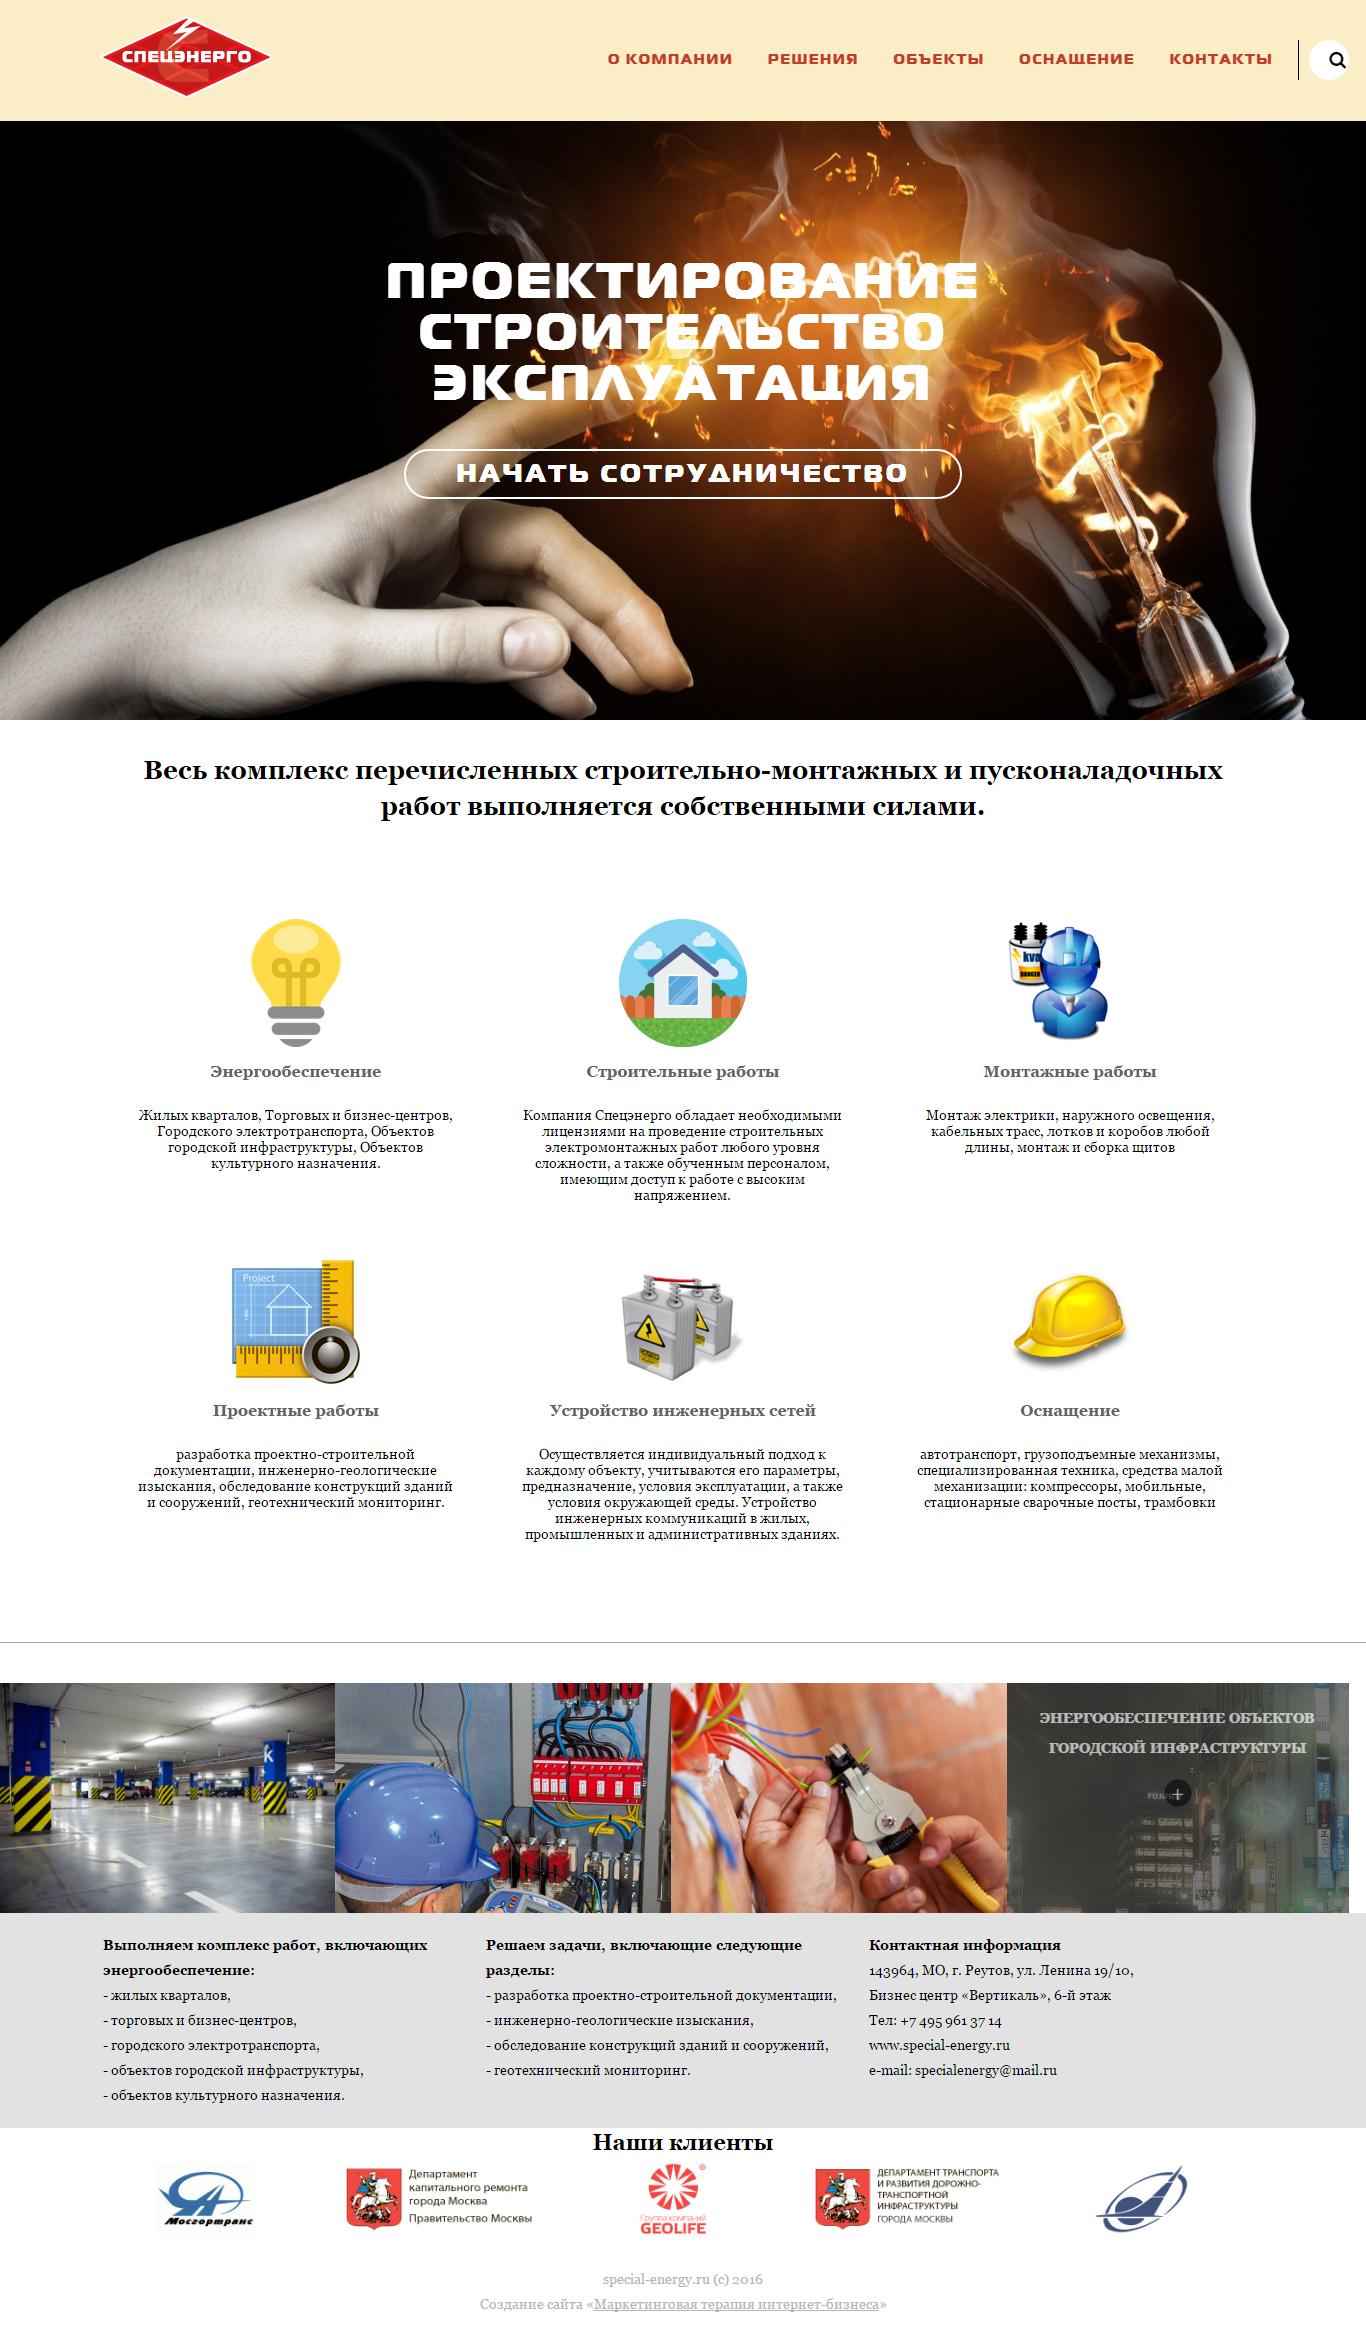 создание сайта проектирование строительство эксплуатация